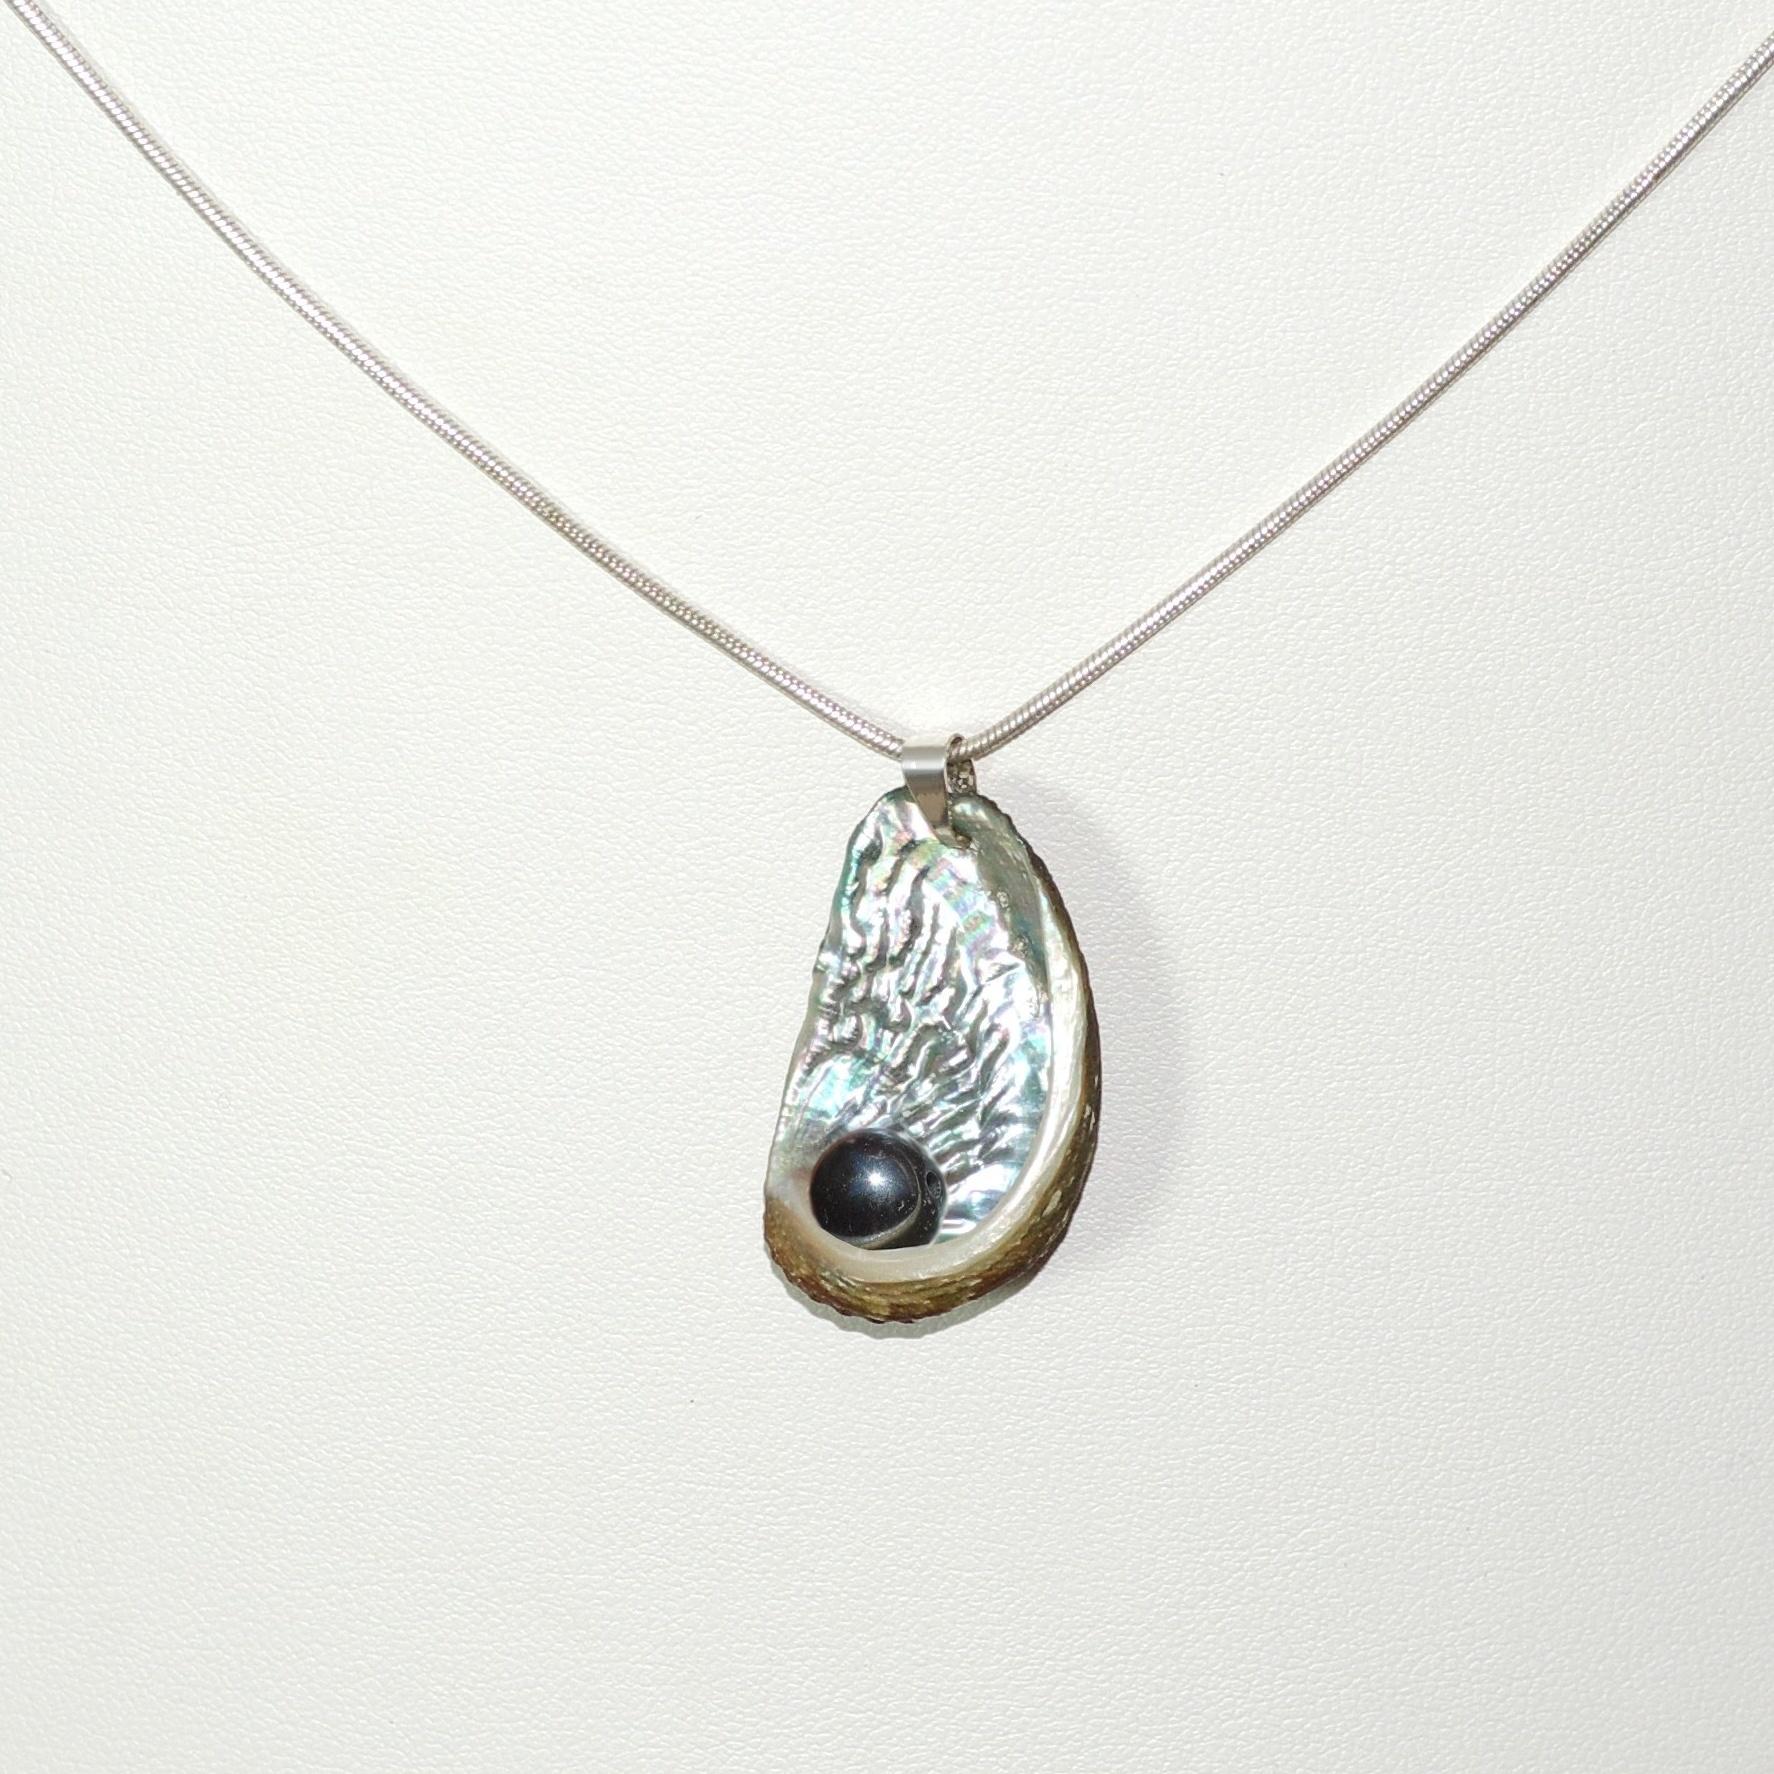 collier argenté : chaine et coquillage à la nacre argentée, perle d'hématite